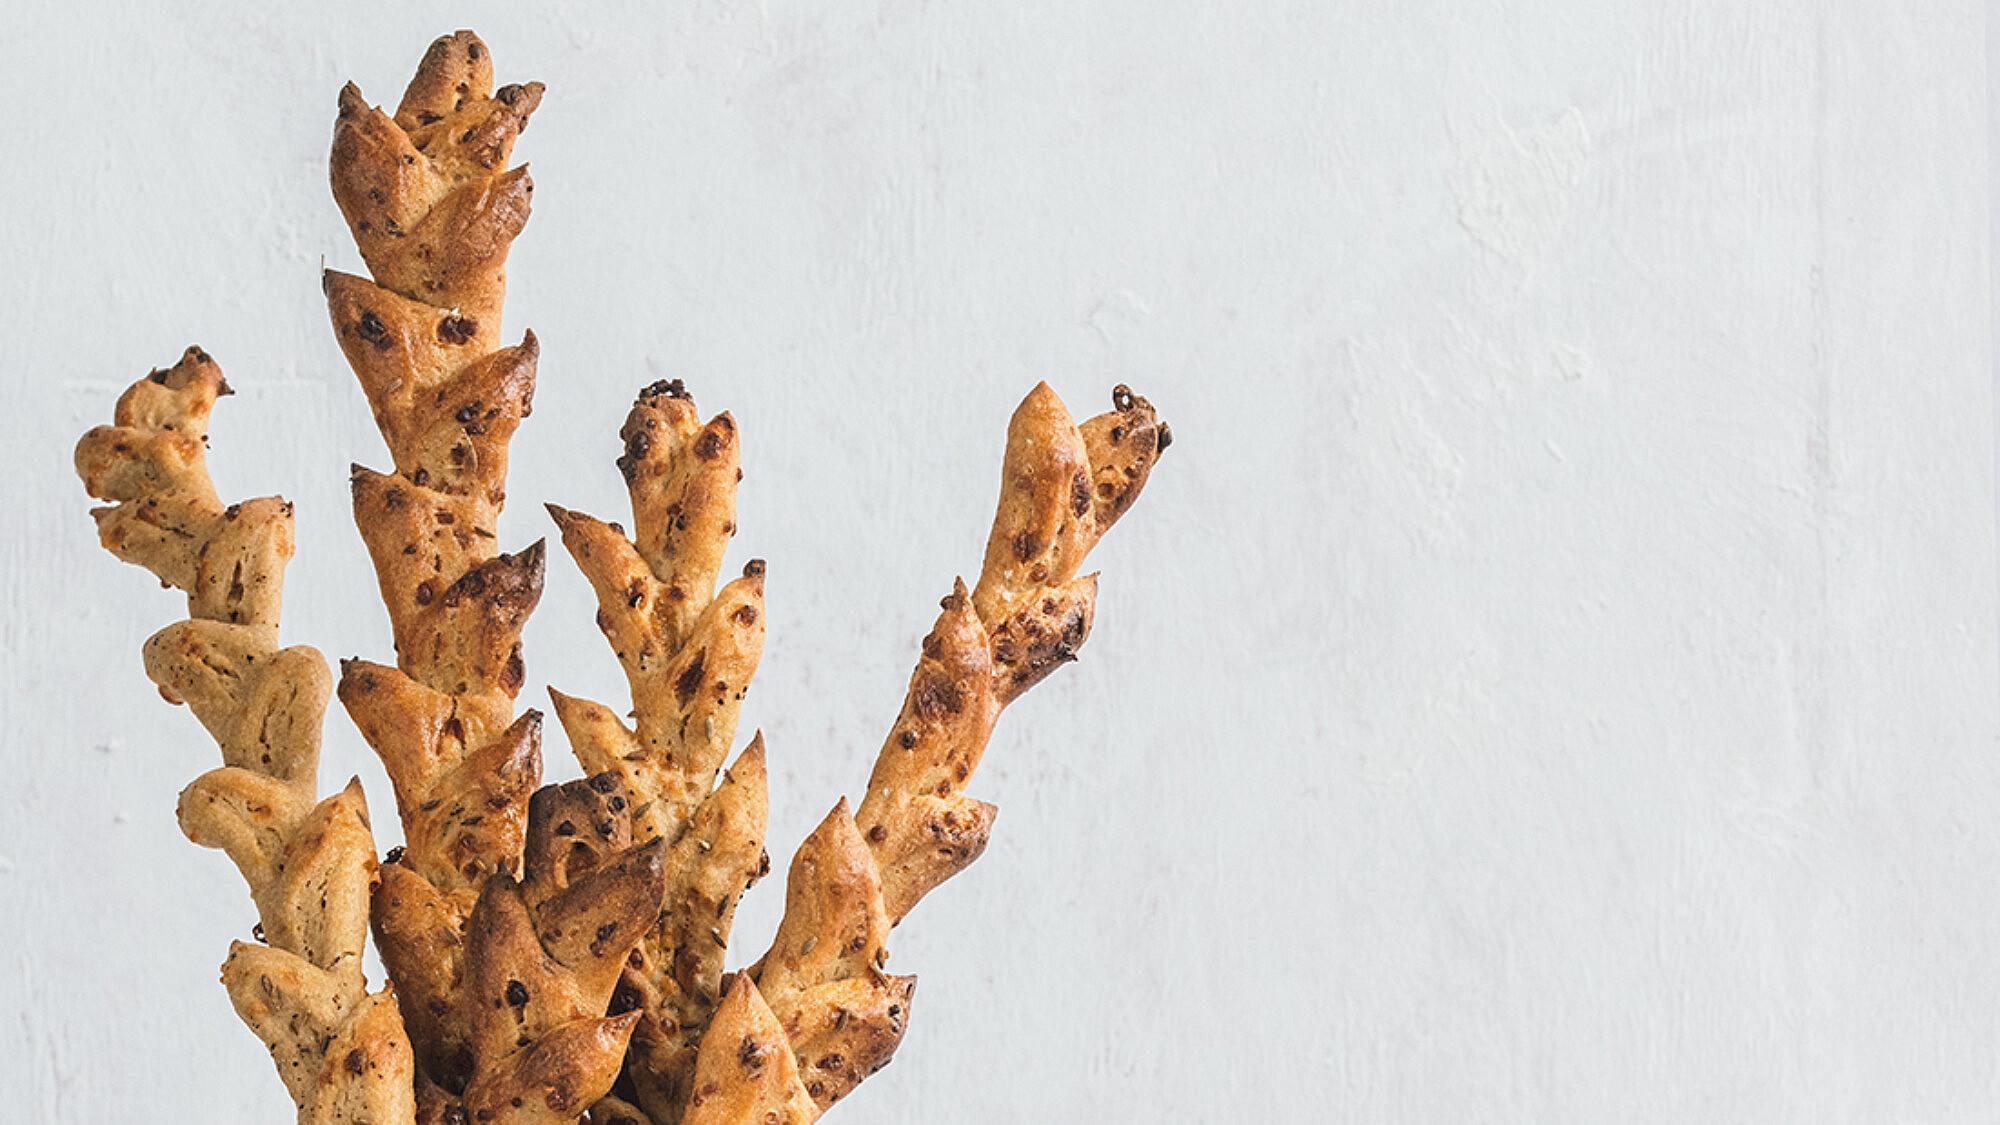 שיבולי גאודה כמון של רינת צדוק | צילום: נועם פריסמן, סטיילינג: ענת לבל, כלים: דניאלה ארד